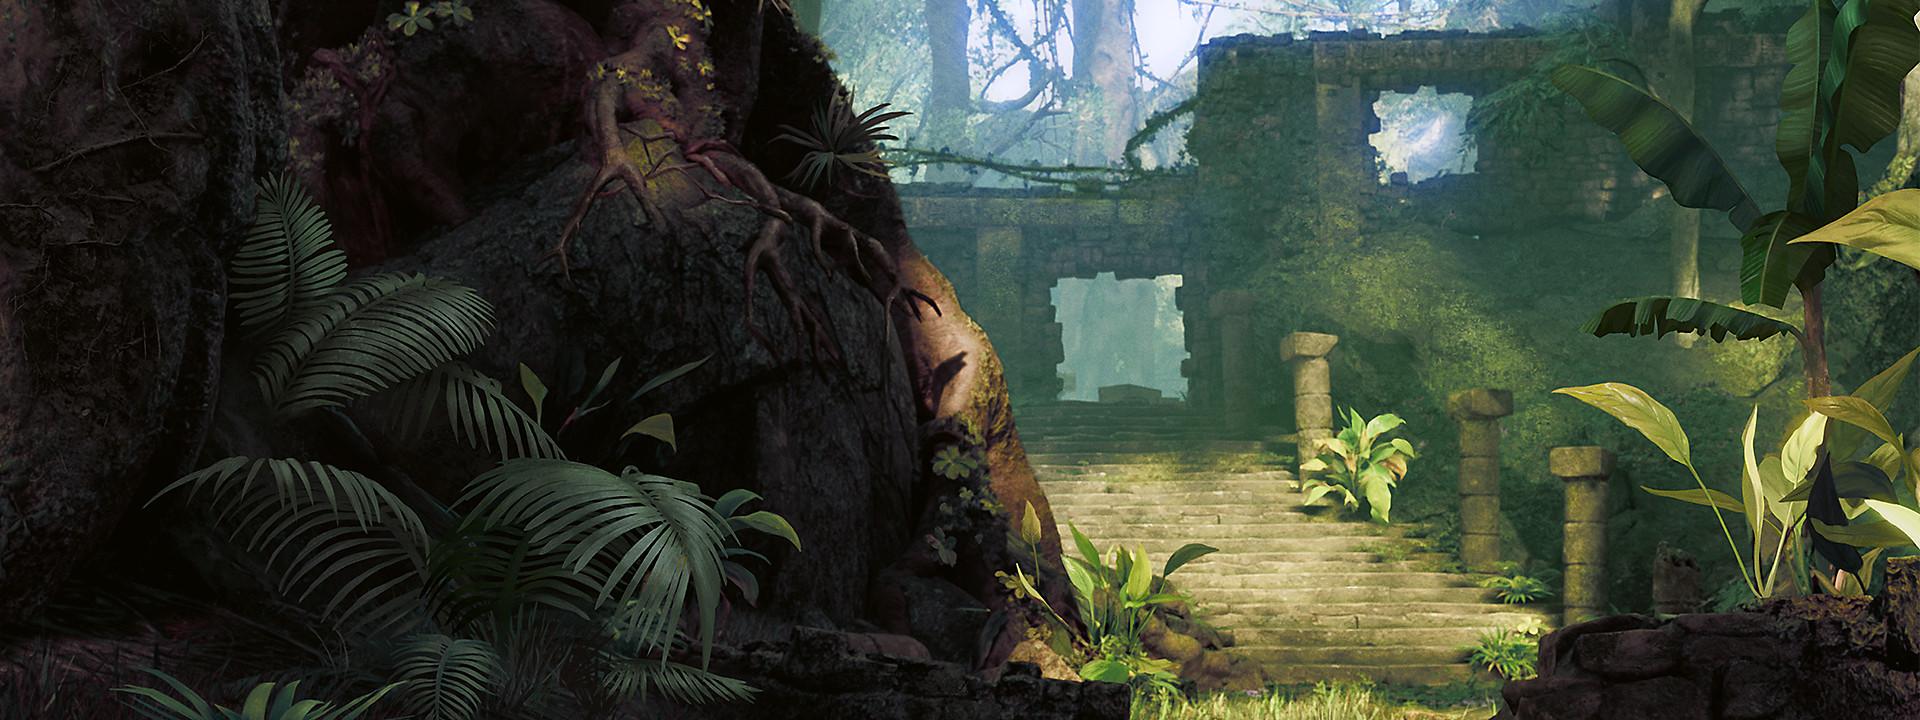 《铁血战士:猎场》首个演示将在科隆展开幕式上公布